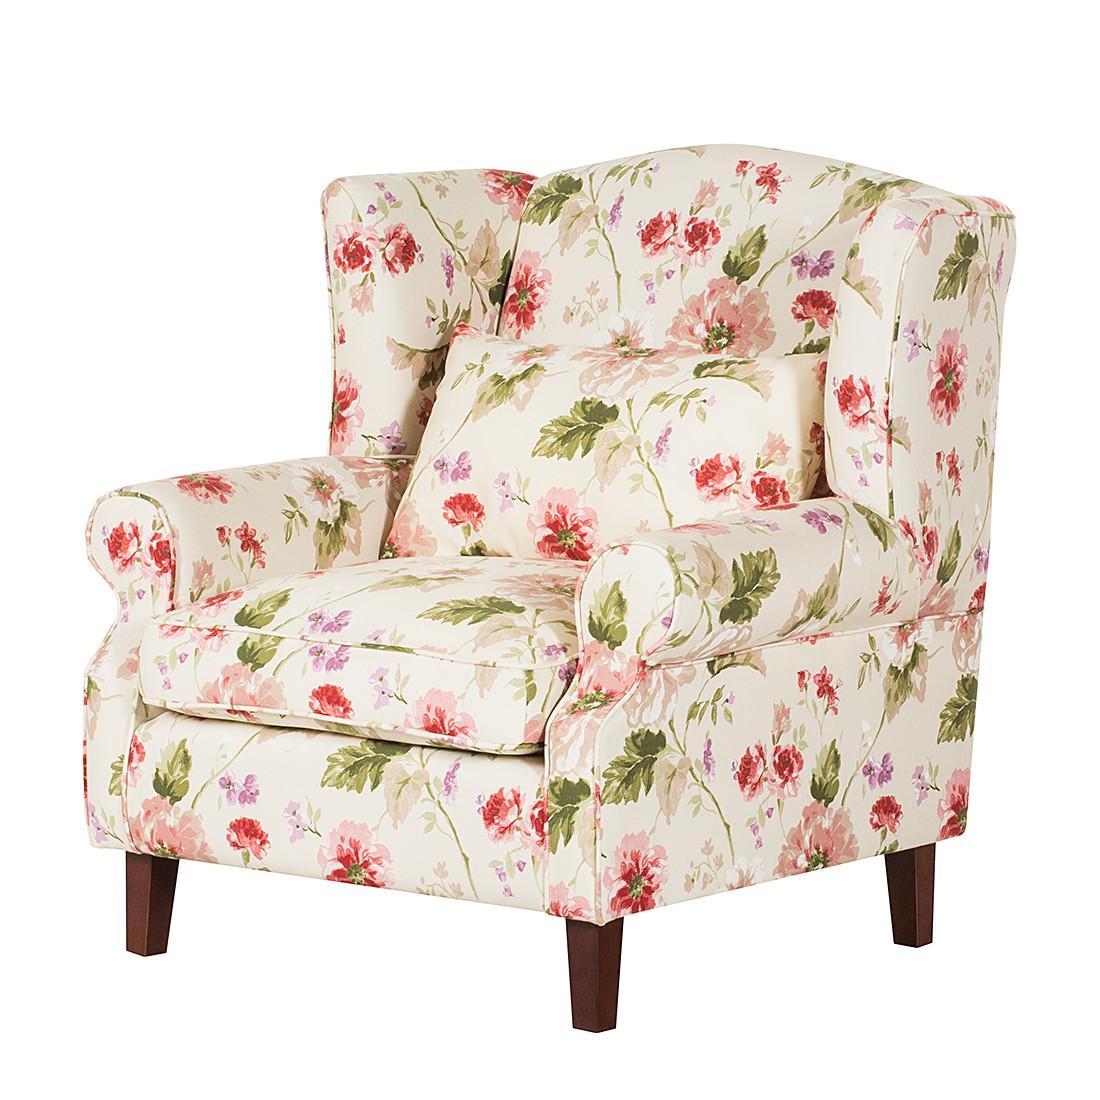 ohrensessel sofia webstoff beige rose blumenmuster. Black Bedroom Furniture Sets. Home Design Ideas